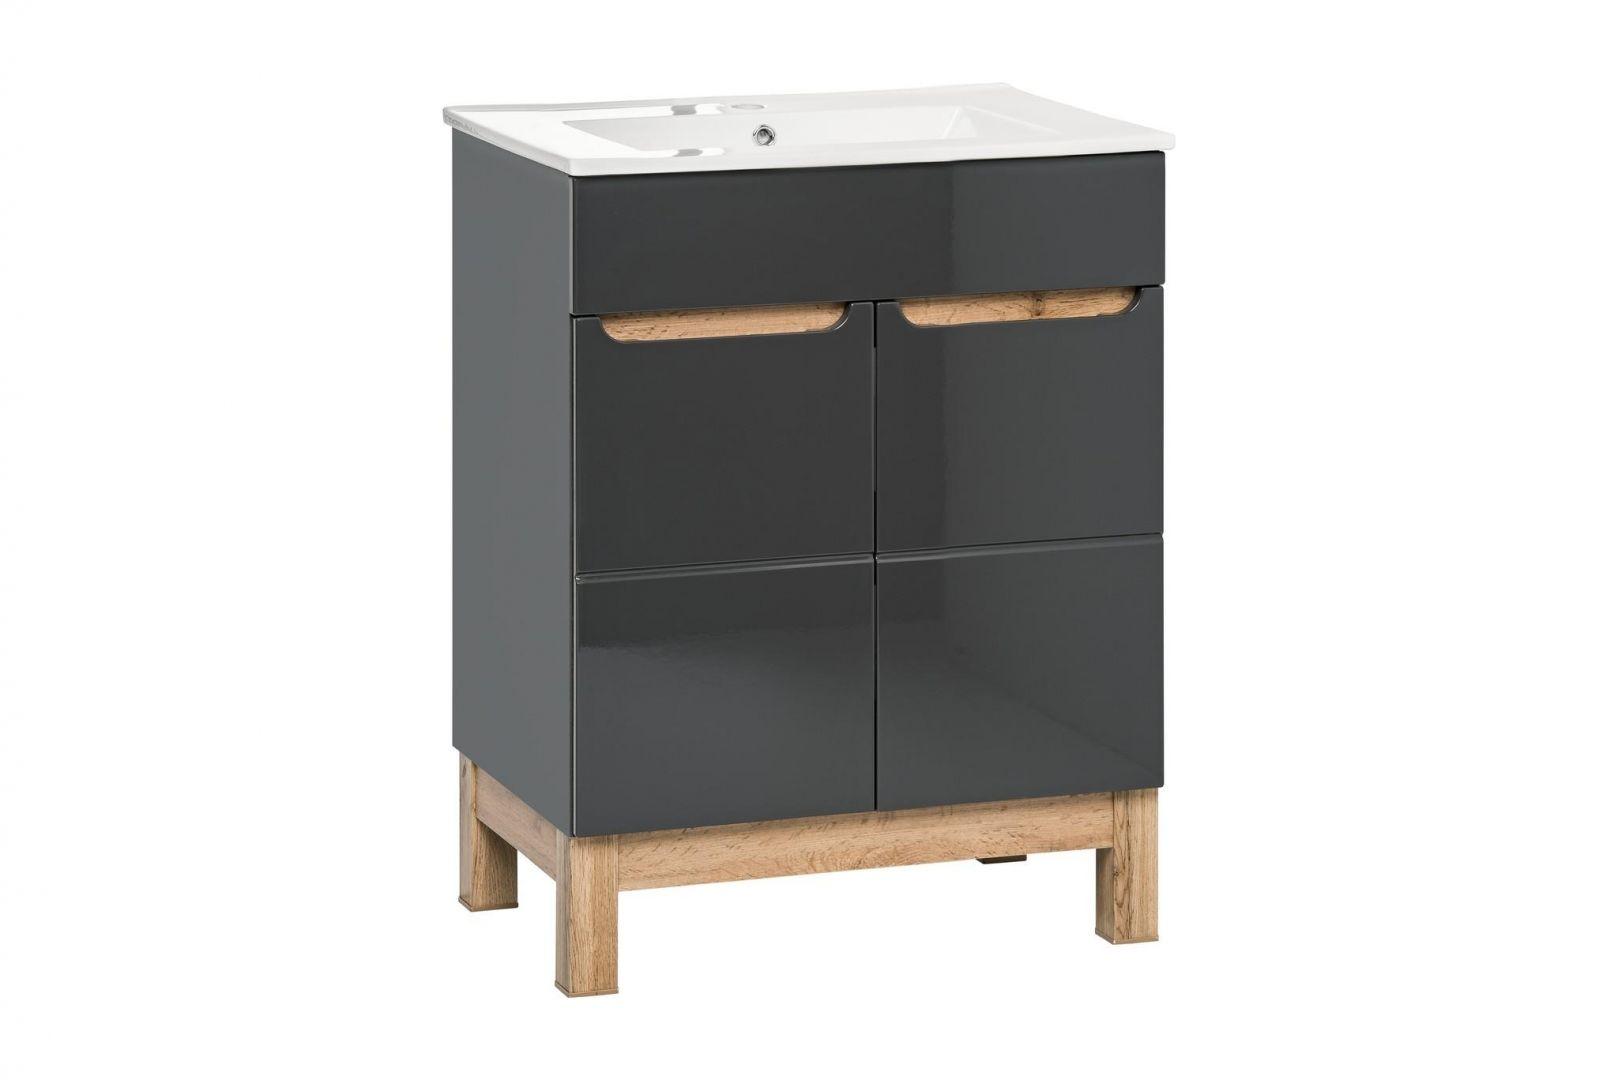 Koupelnová skříňka BALLI GREY 820 - pod umyvadlo 60